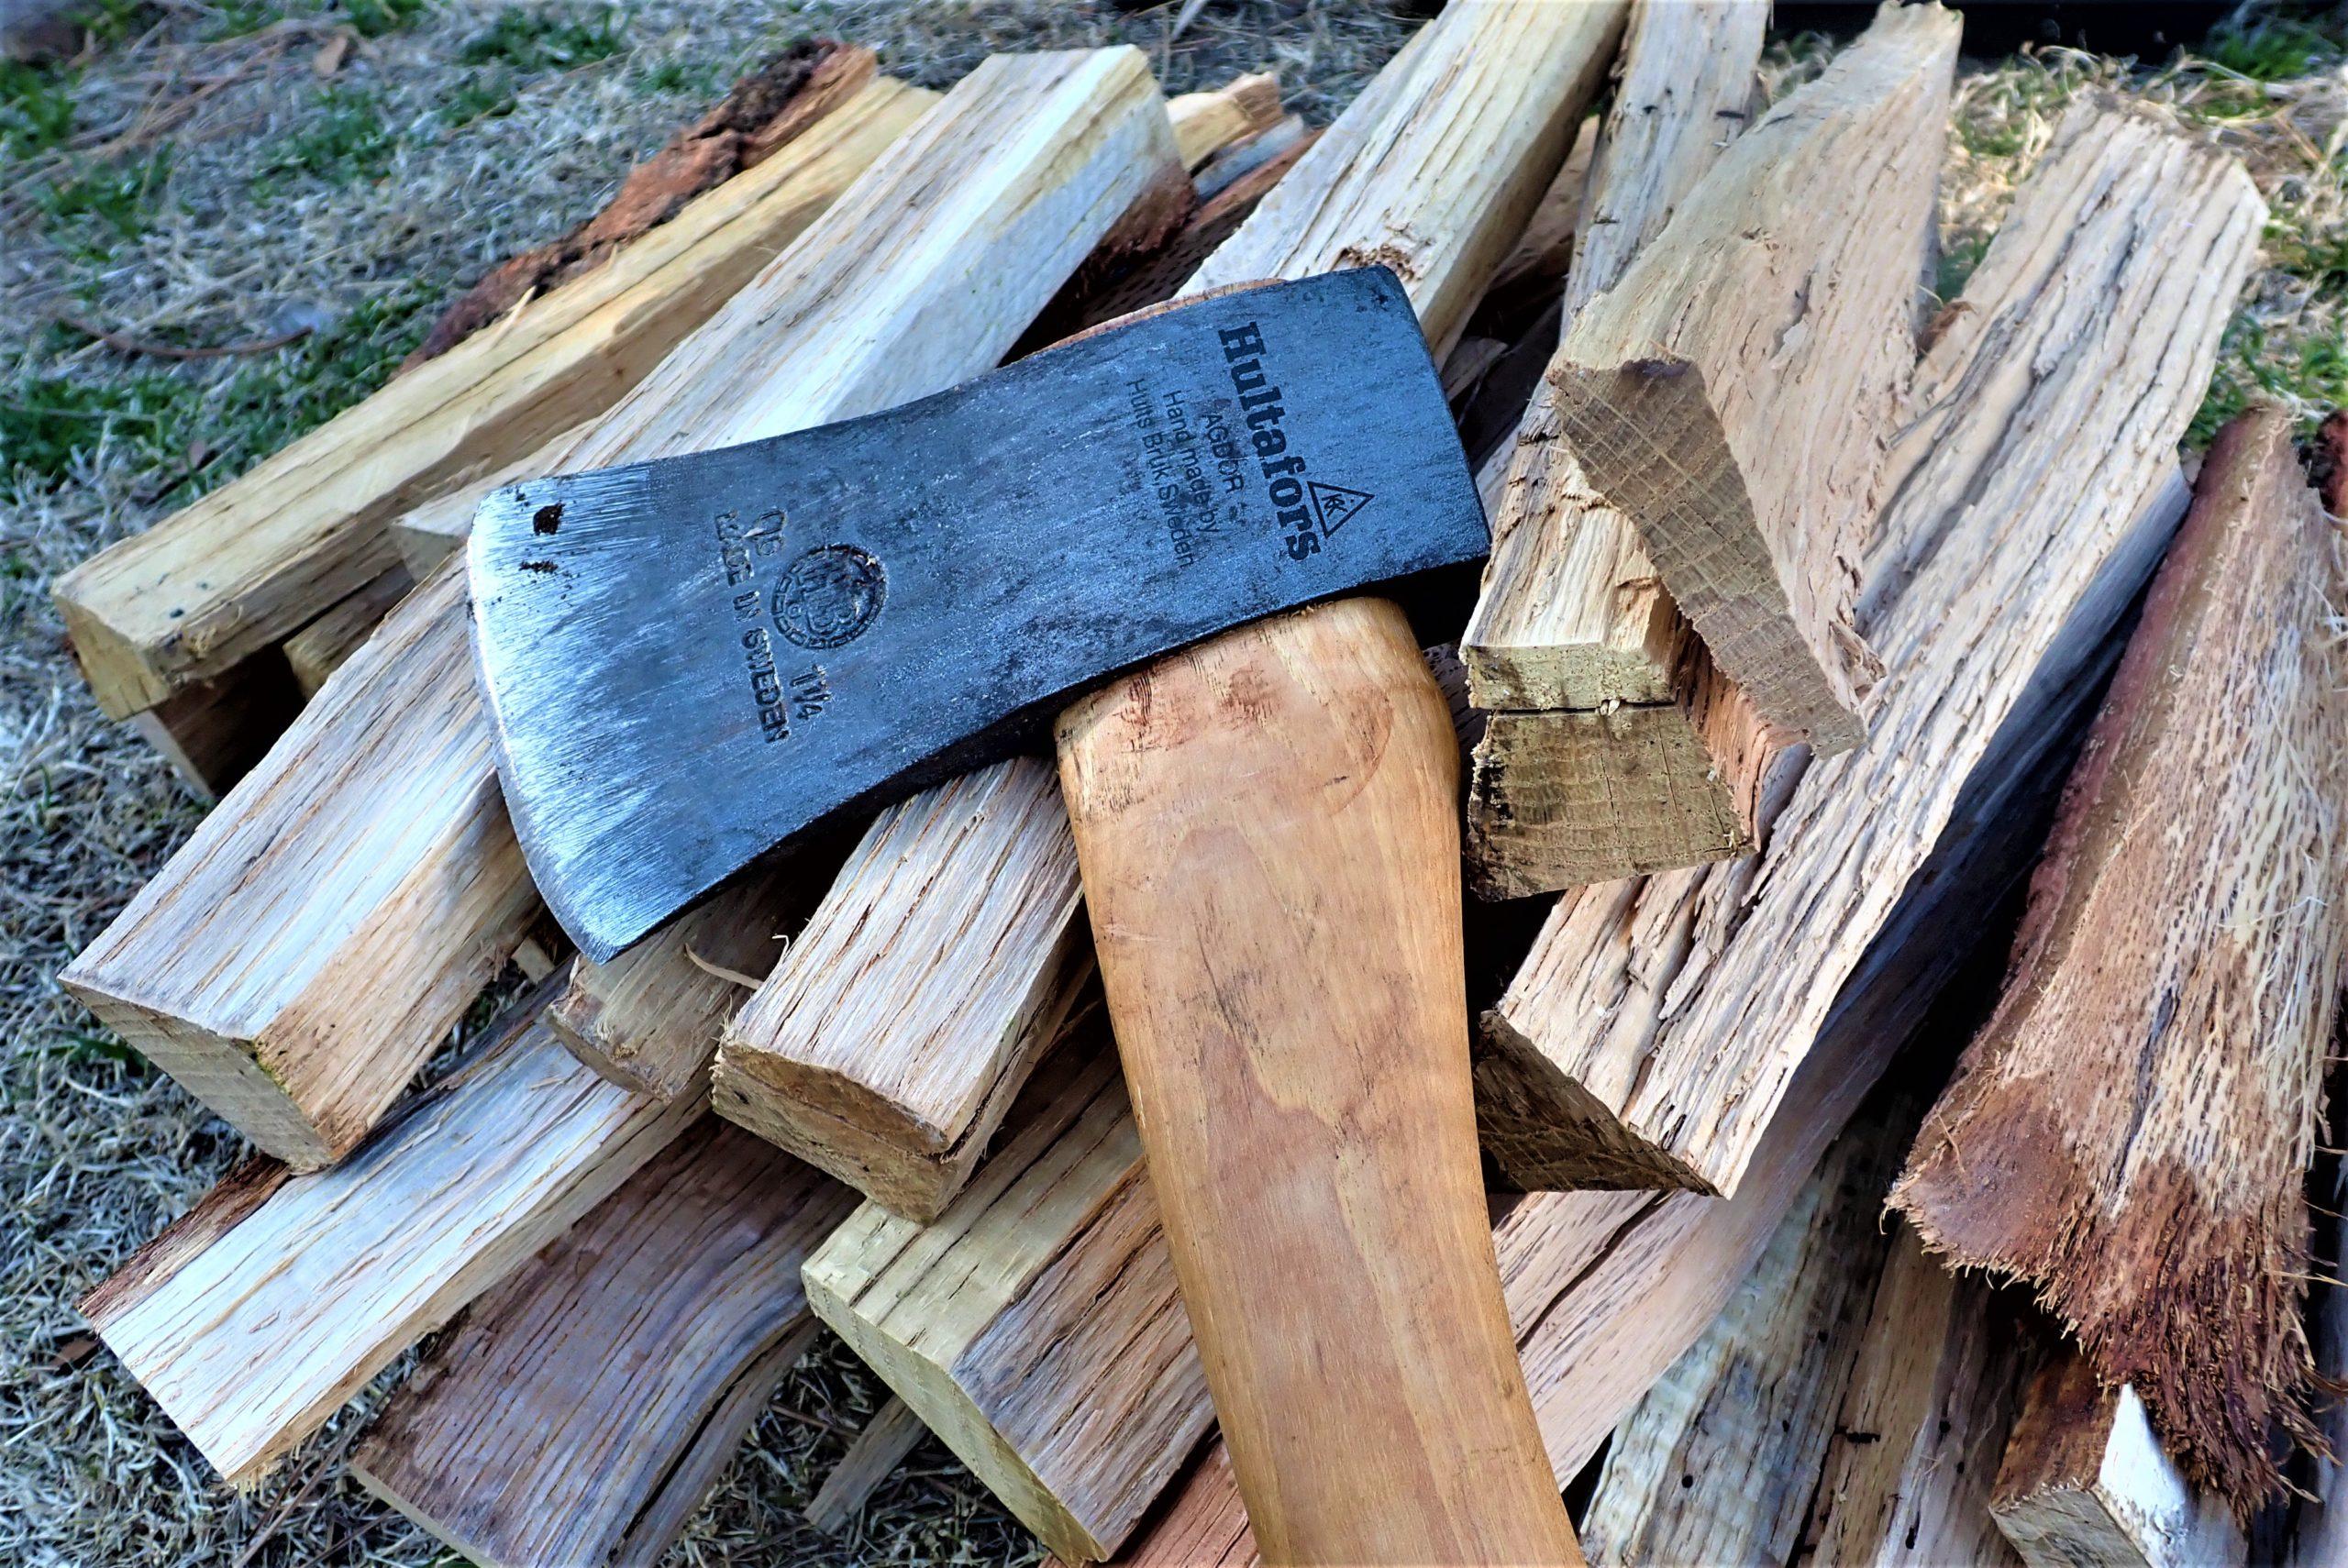 【薪割りをしてみよう】焚火は 薪を割るところから楽しむと一味ちがう?!